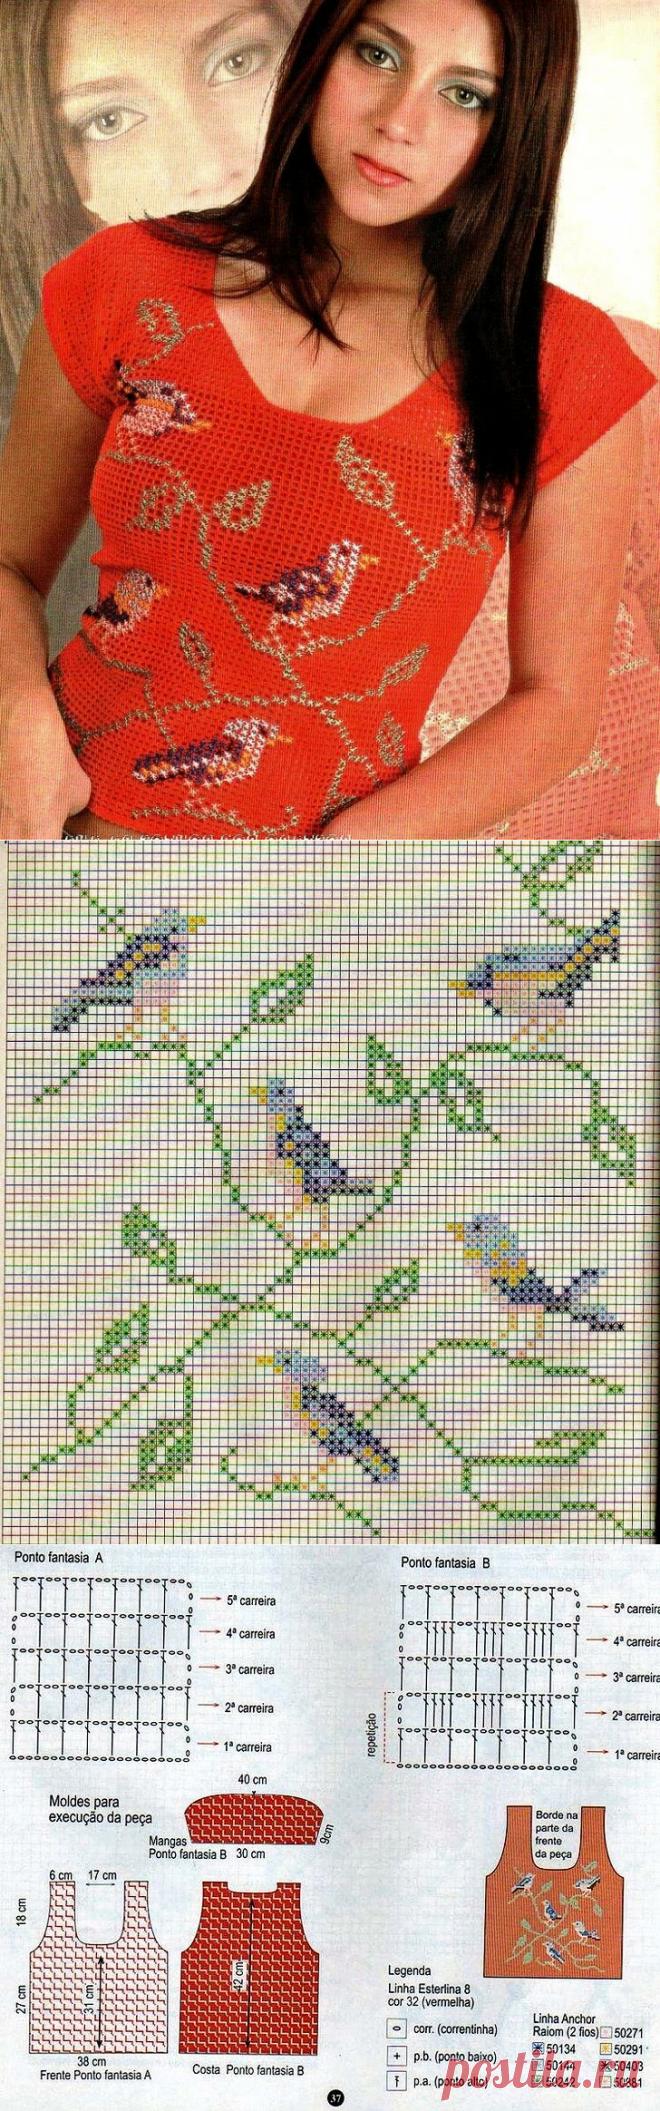 Филейное вязание + вышивка: интересные сочетания для моделей крючком | Левреткоман-оч.умелец | Яндекс Дзен